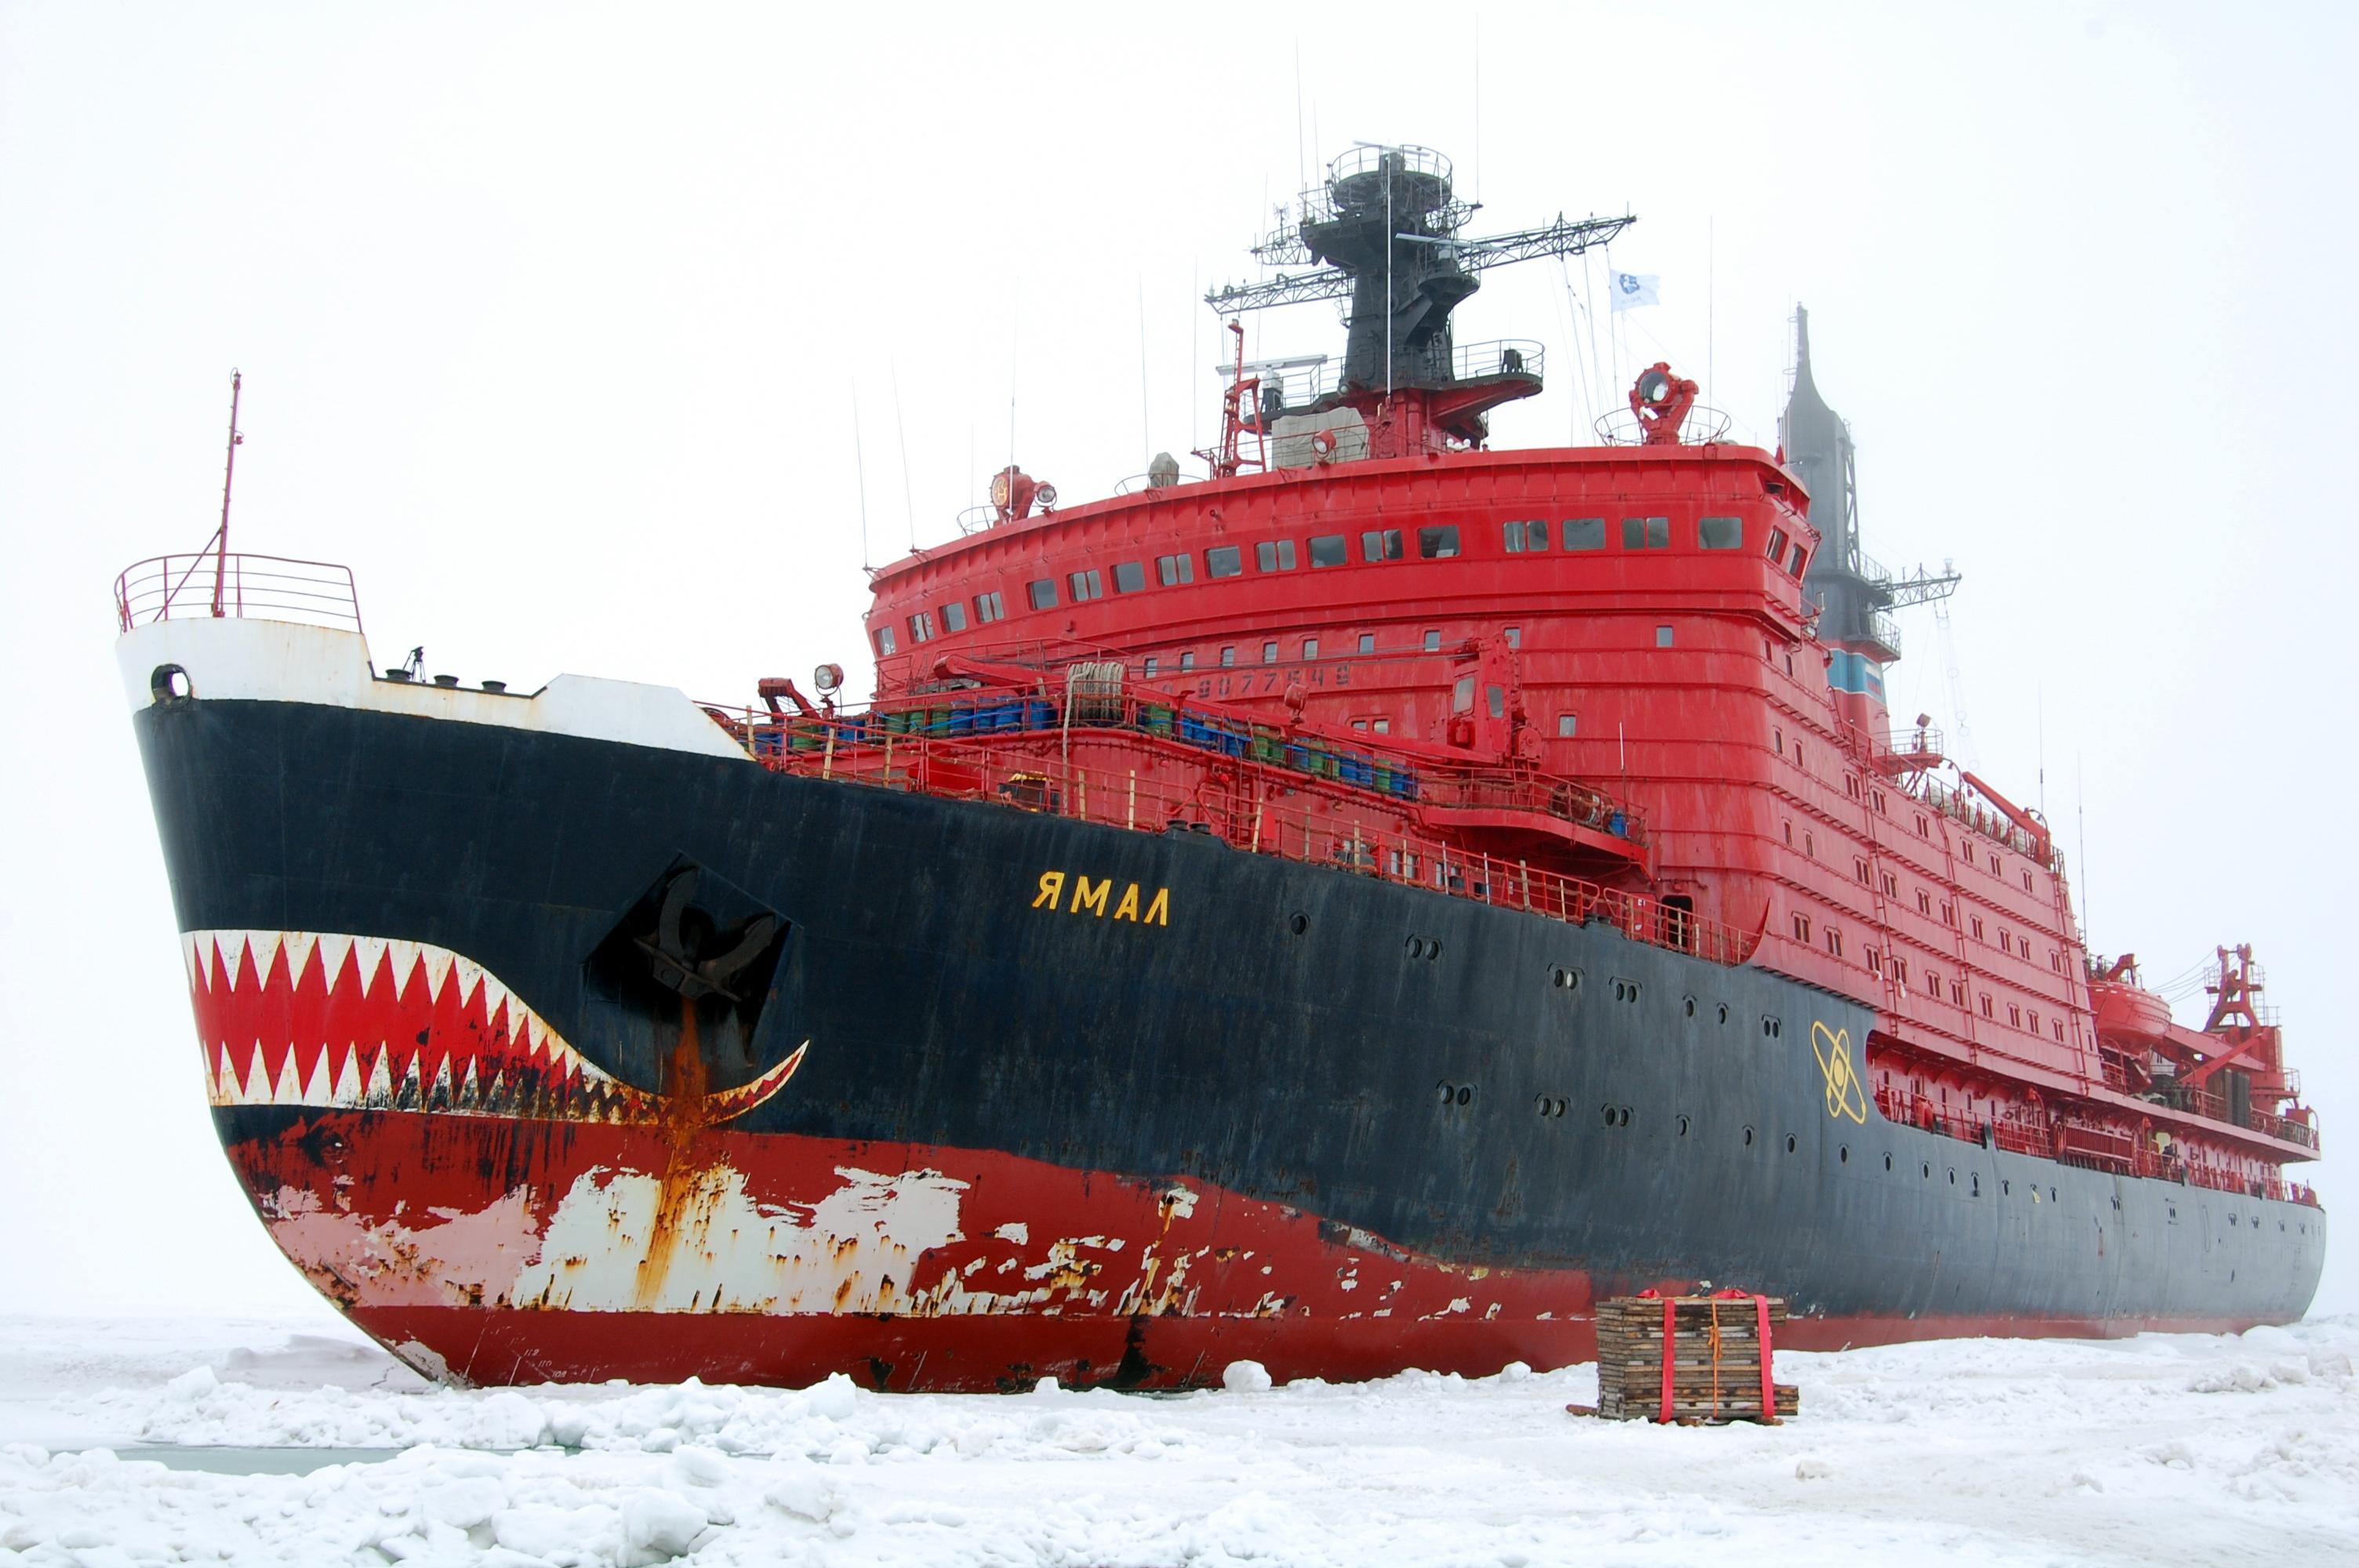 Среди бескрайних льдов Арктики сегодня закипела активная жизнь